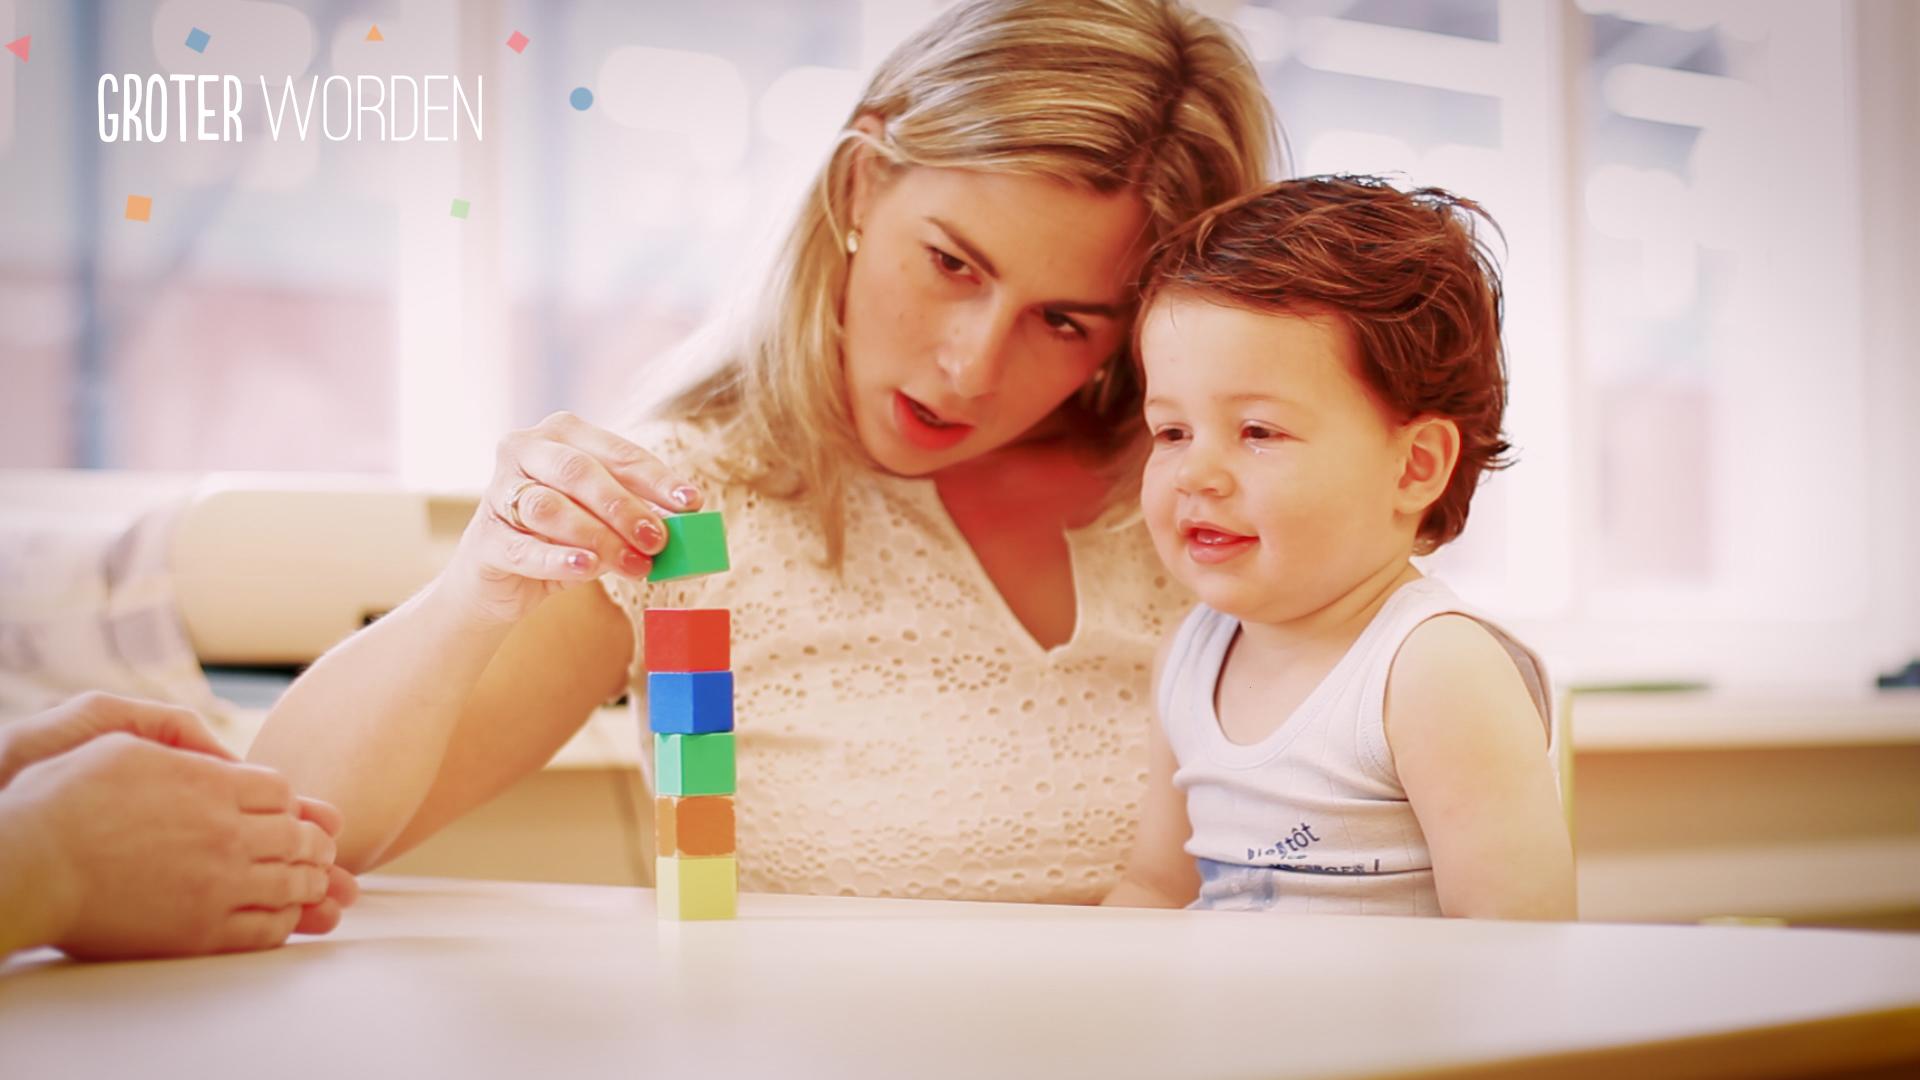 Kinddossier groter worden for Poppenhuis kind 2 jaar